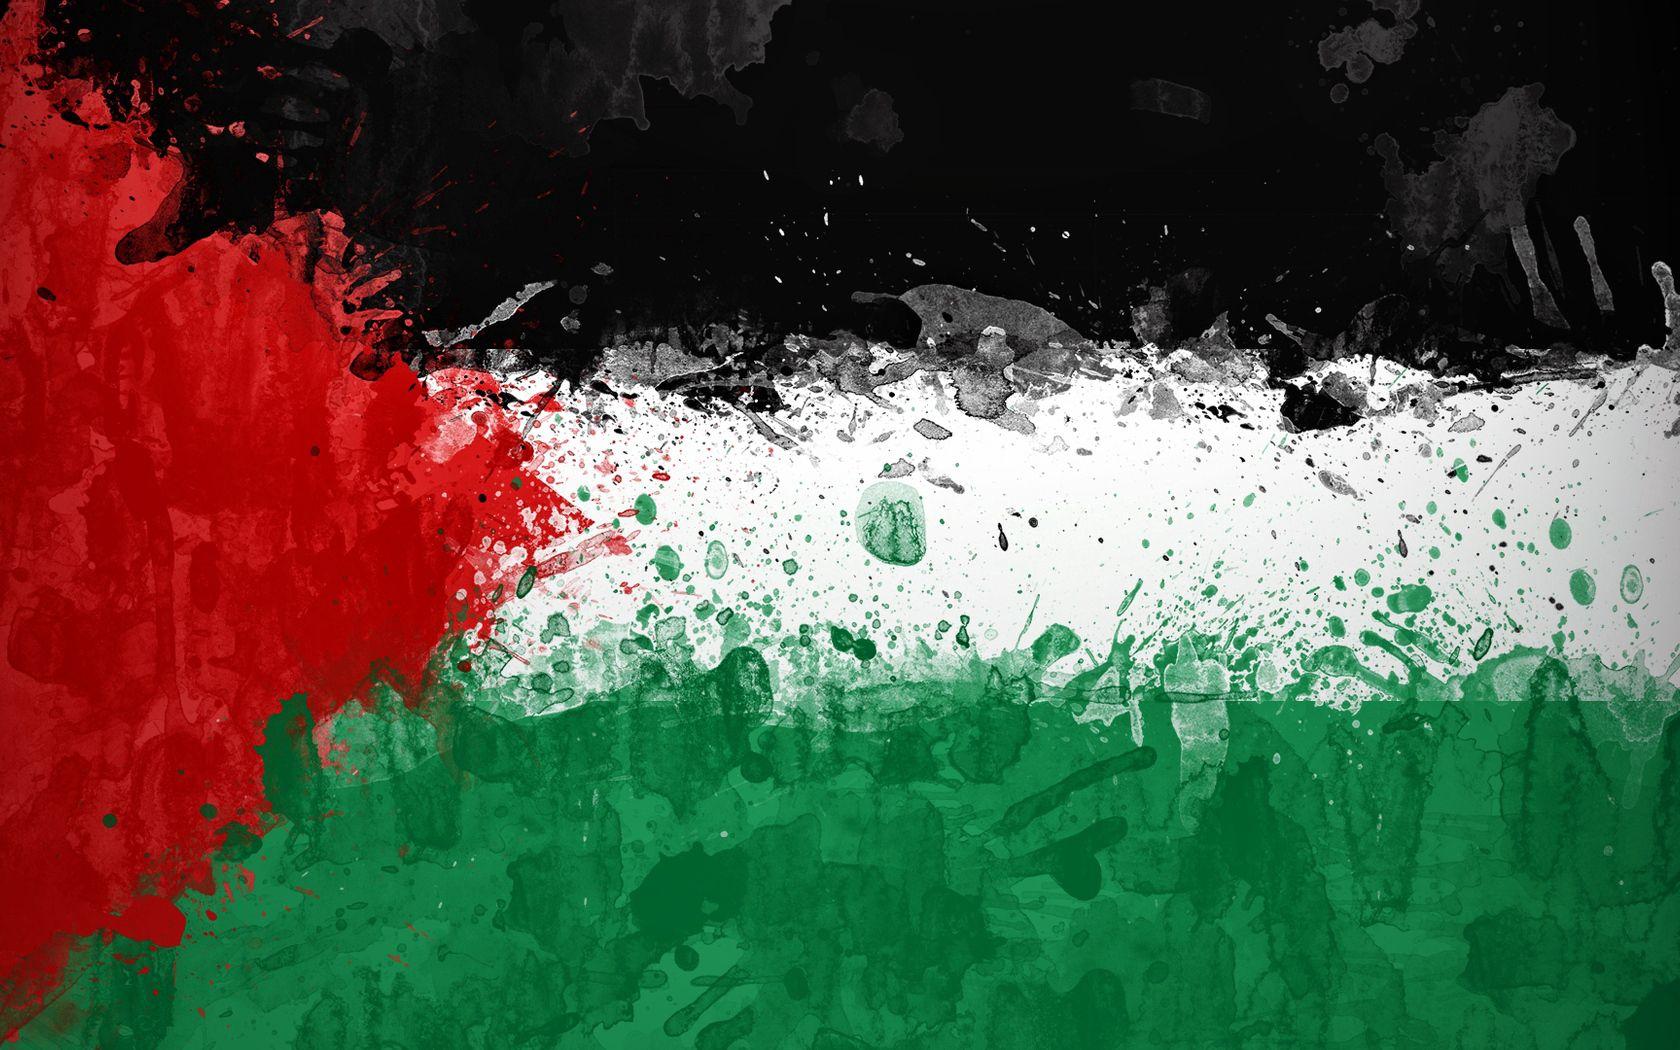 94667 скачать обои Текстуры, Палестина, Фон, Текстура, Поверхность - заставки и картинки бесплатно